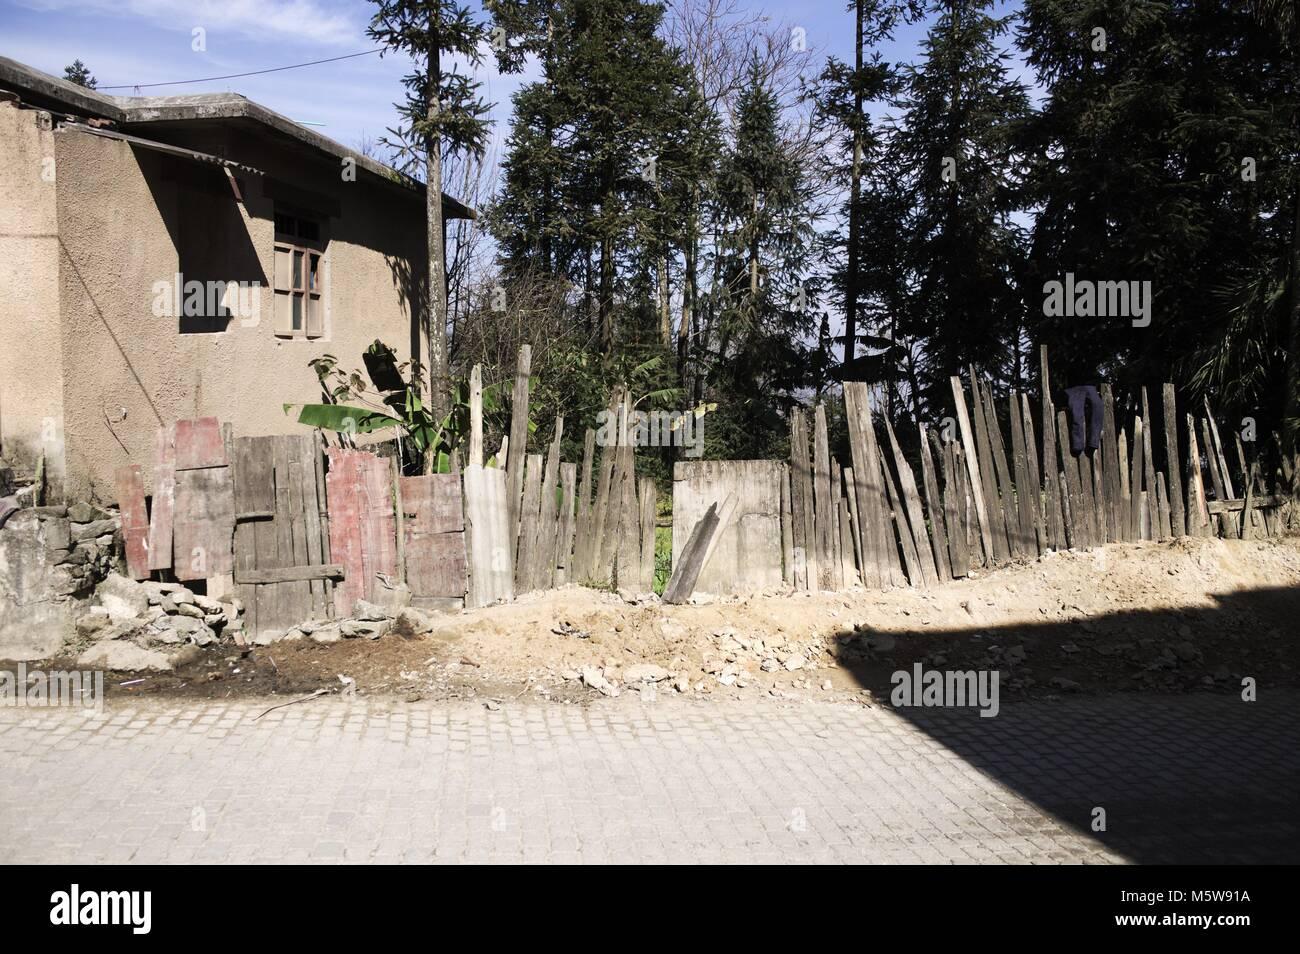 Staccionata in legno per le strade del Duo Yi Shu Village (Yuanyang, Yunnan, Cina) Immagini Stock